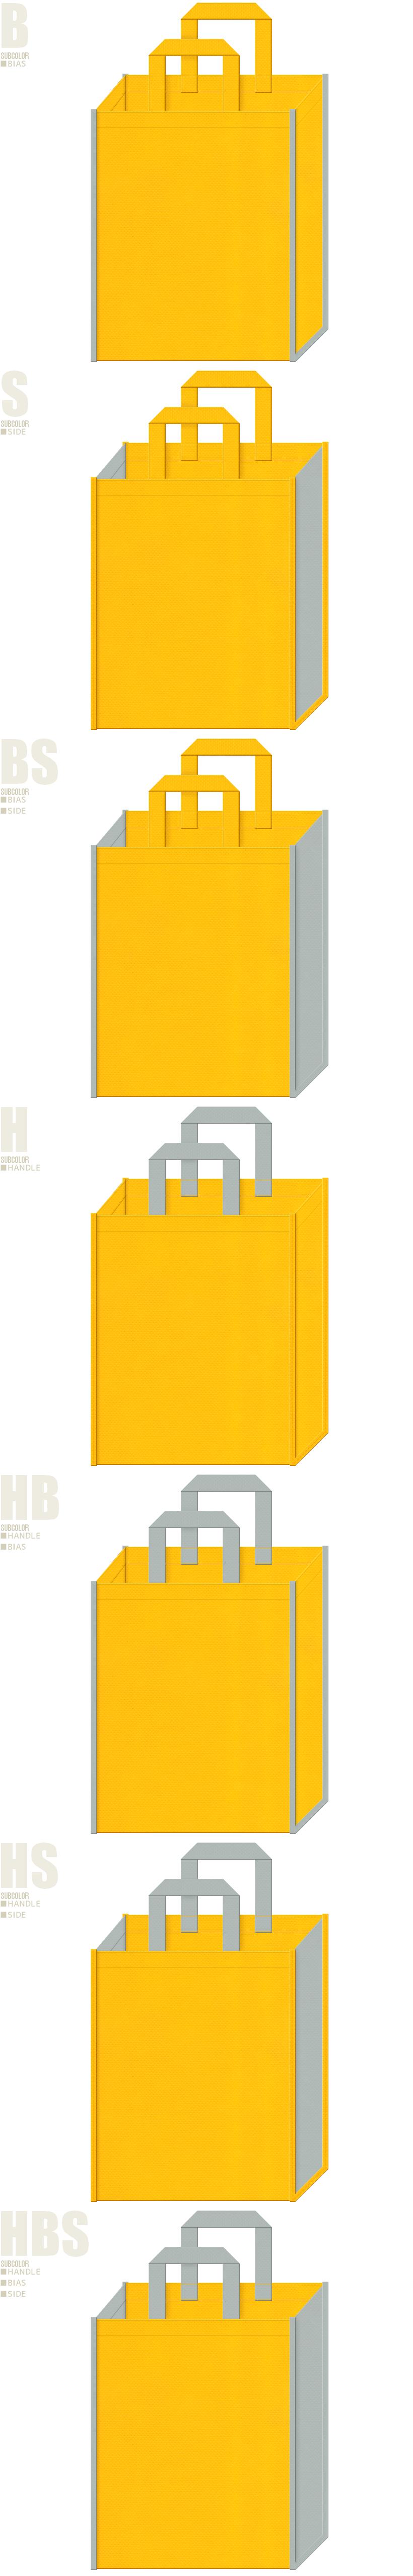 電気・電柱・通信インフラ・照明器具にお奨めの不織布バッグのデザイン:黄色とグレー色の配色7パターン